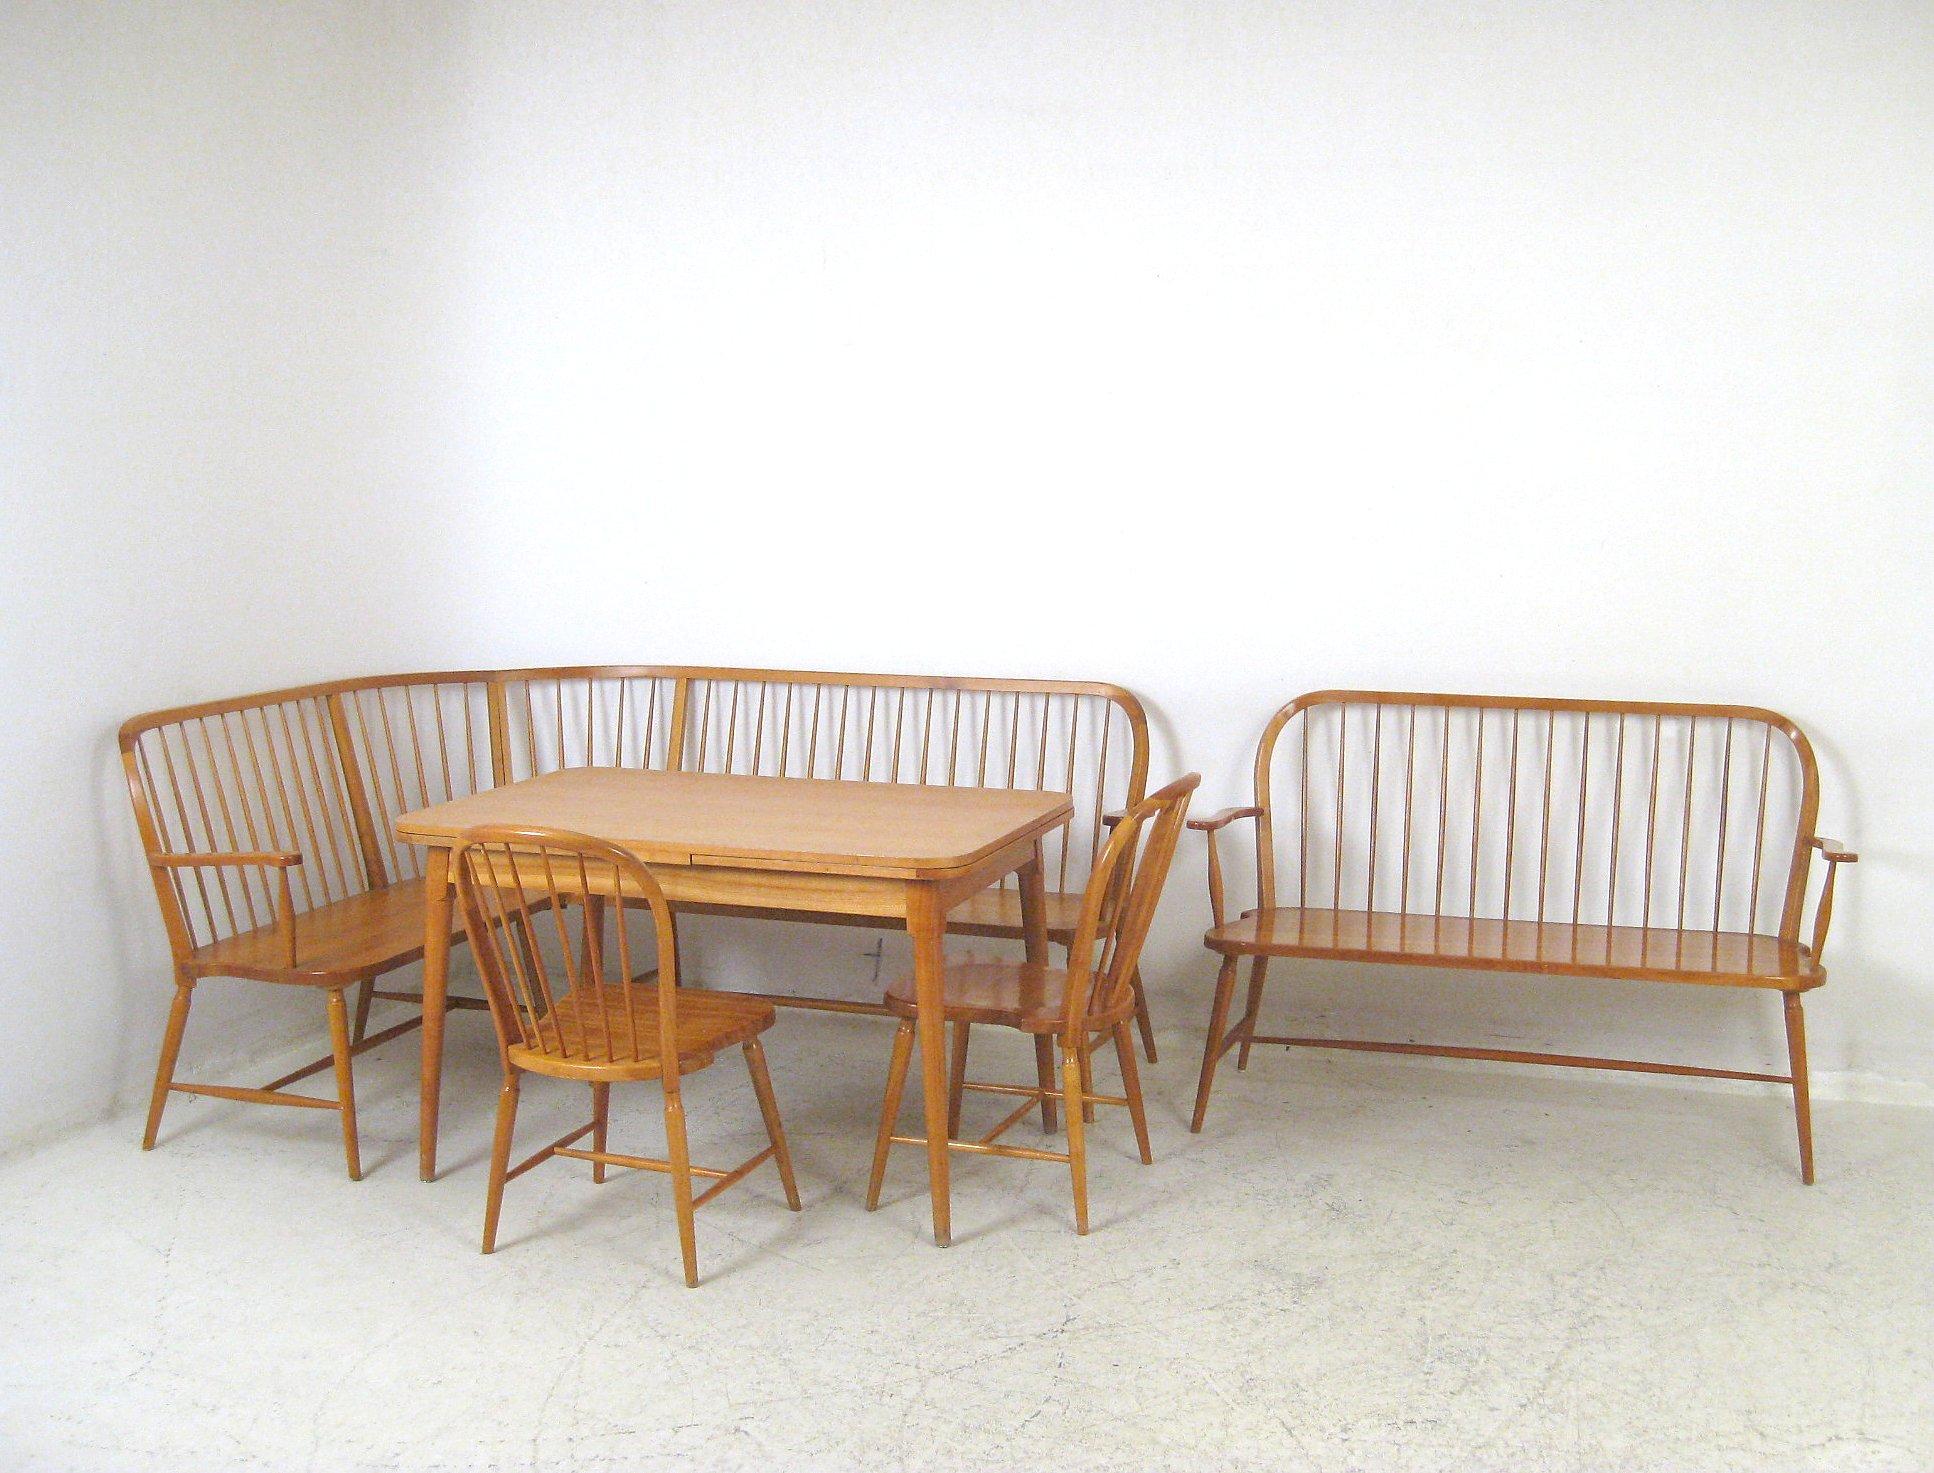 Esstischgruppe, Bank, Eckbank, Stühle Und Esstisch Im Stile Von Ercol (5)